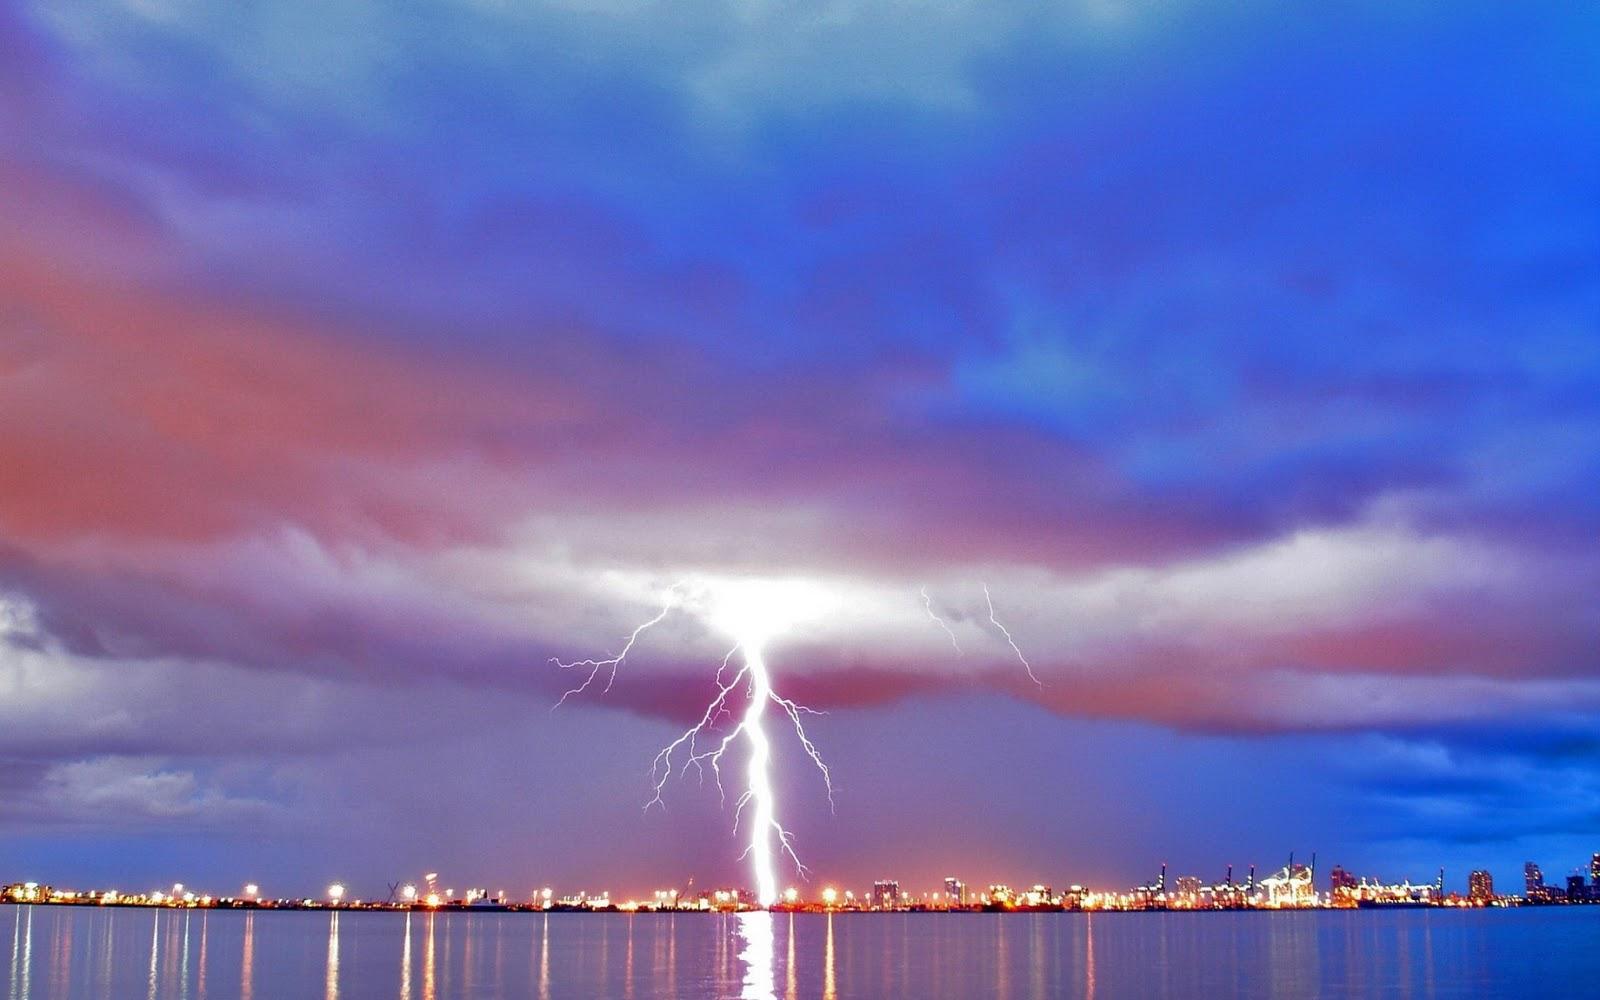 http://1.bp.blogspot.com/-9JTzen4NXqM/UEy2aEreVWI/AAAAAAAAAVA/mRapT95tyLU/s1600/lightning-wallpaper-hd-6-708208.jpg